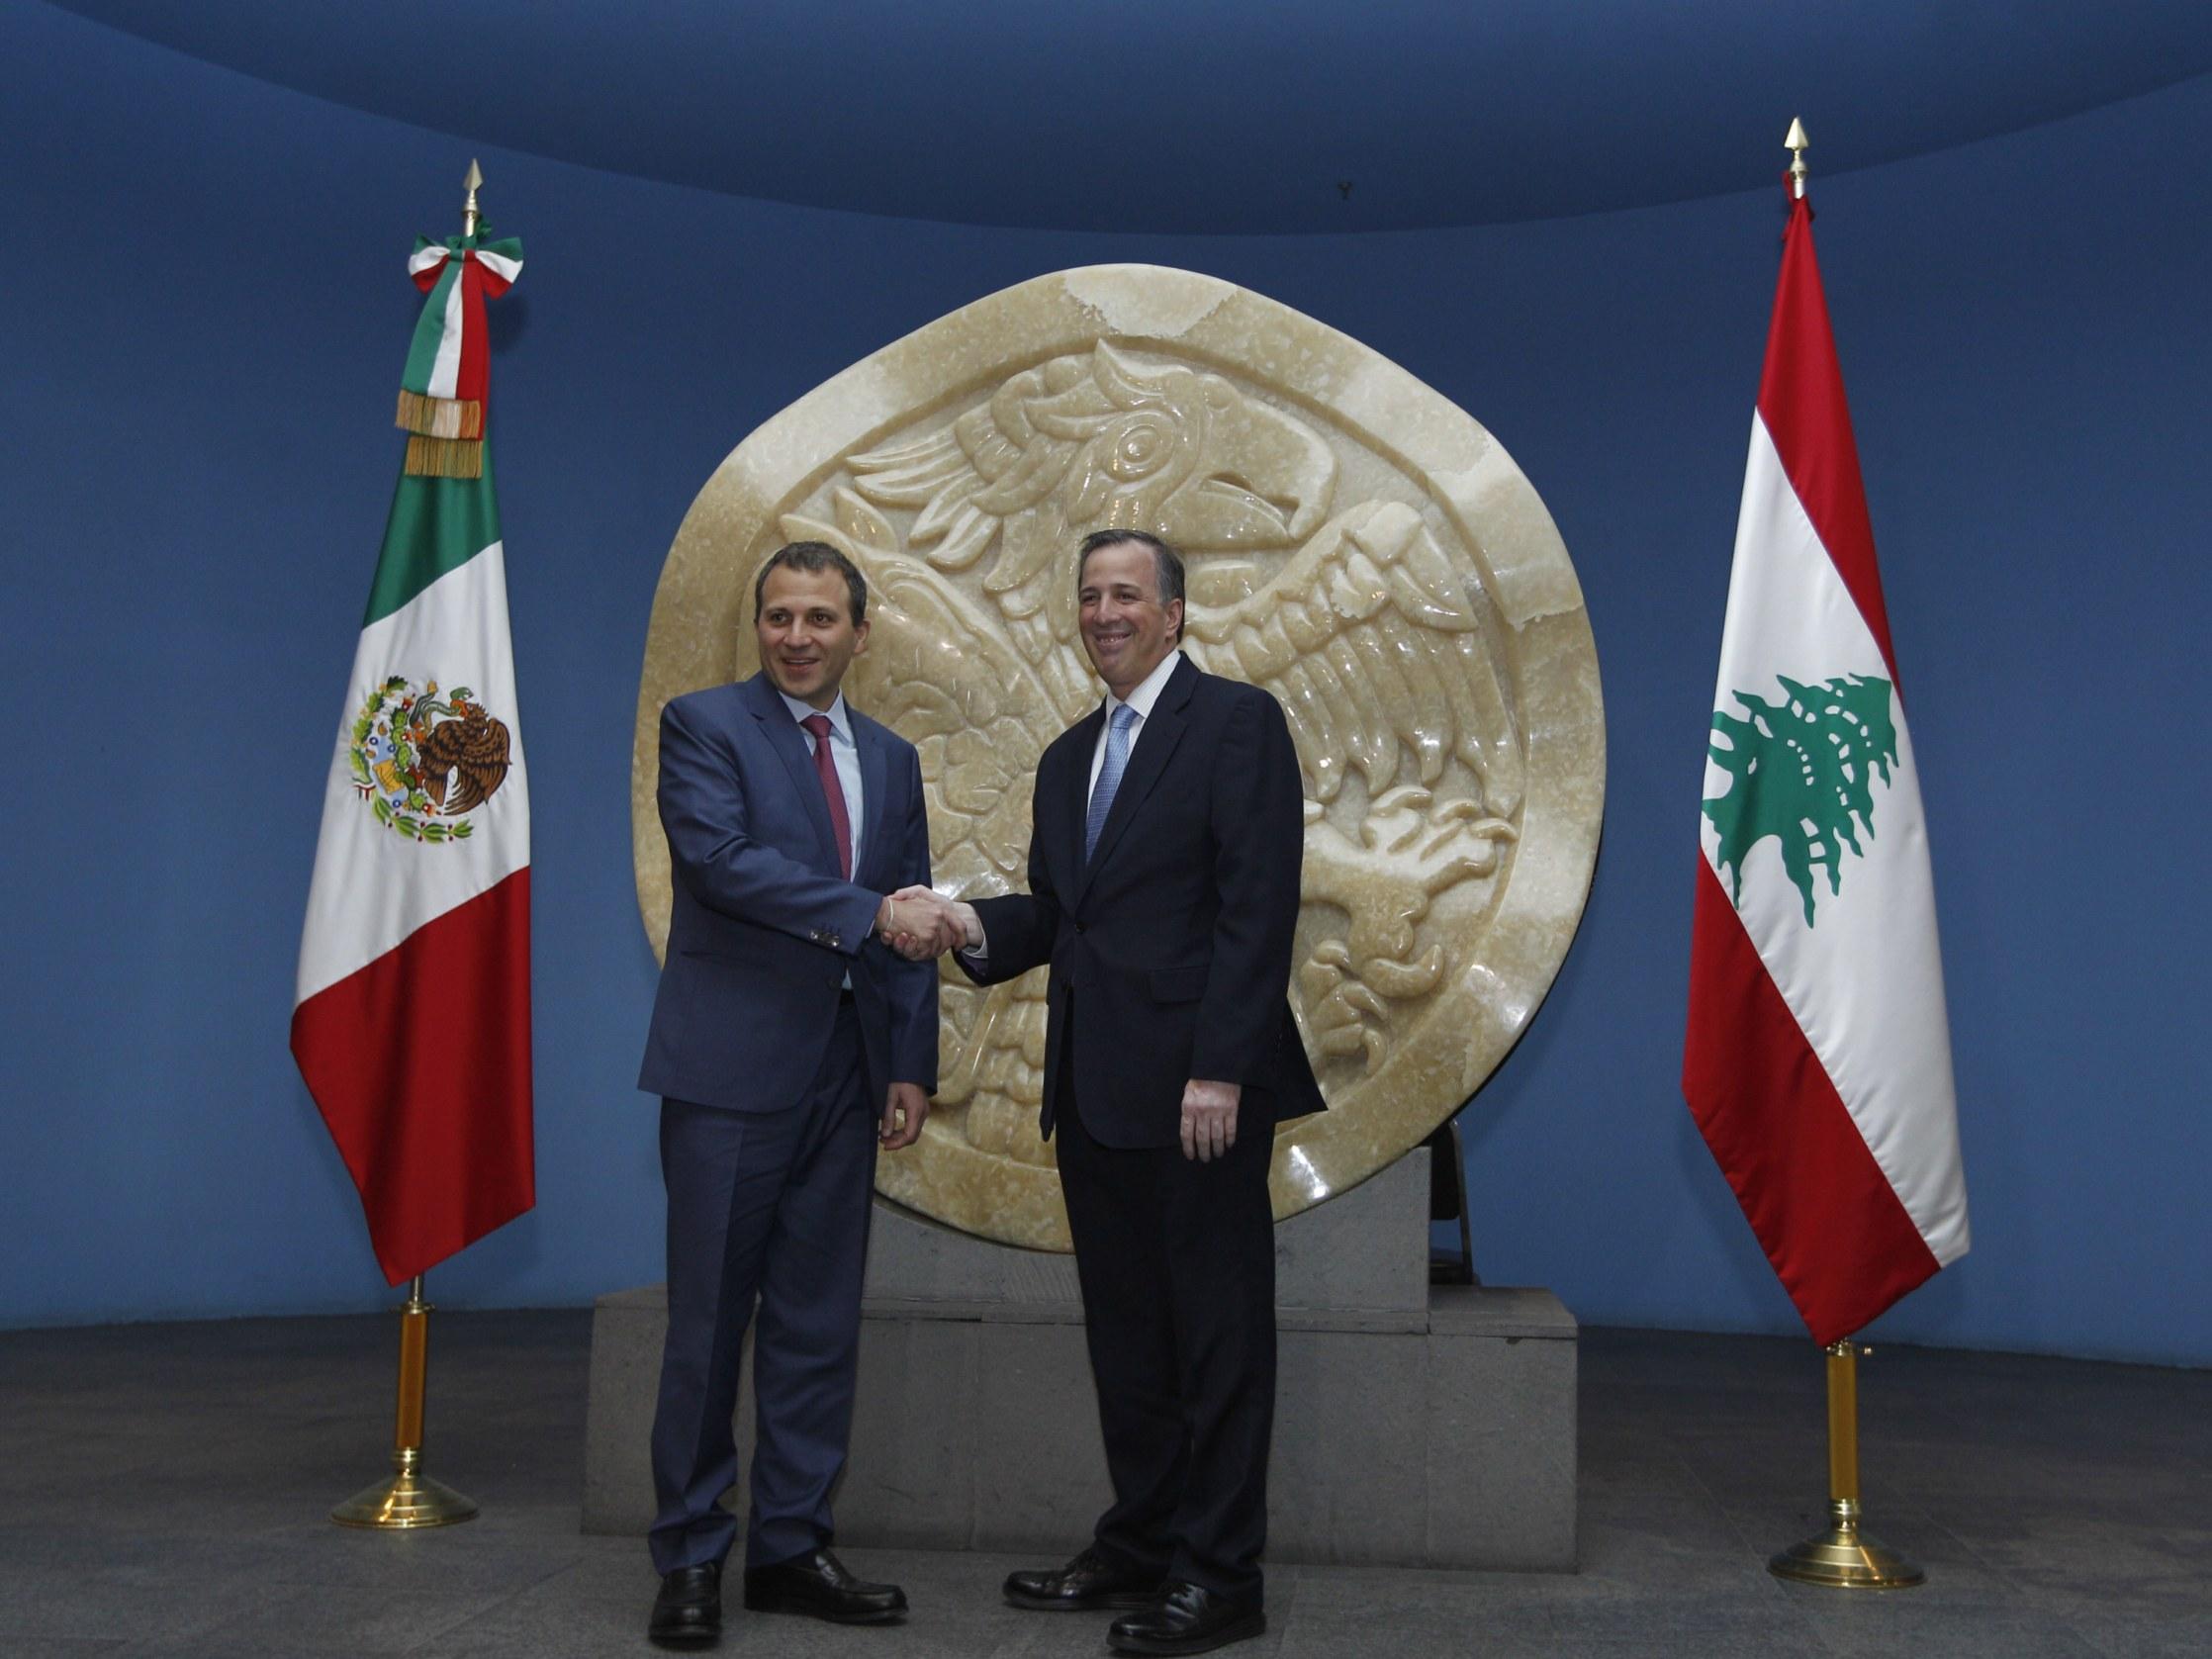 FOTO 3 El canciller Meade recibi  al ministro de Relaciones Exteriores y de Emigrantes de L bano  Gebran Bassiljpg